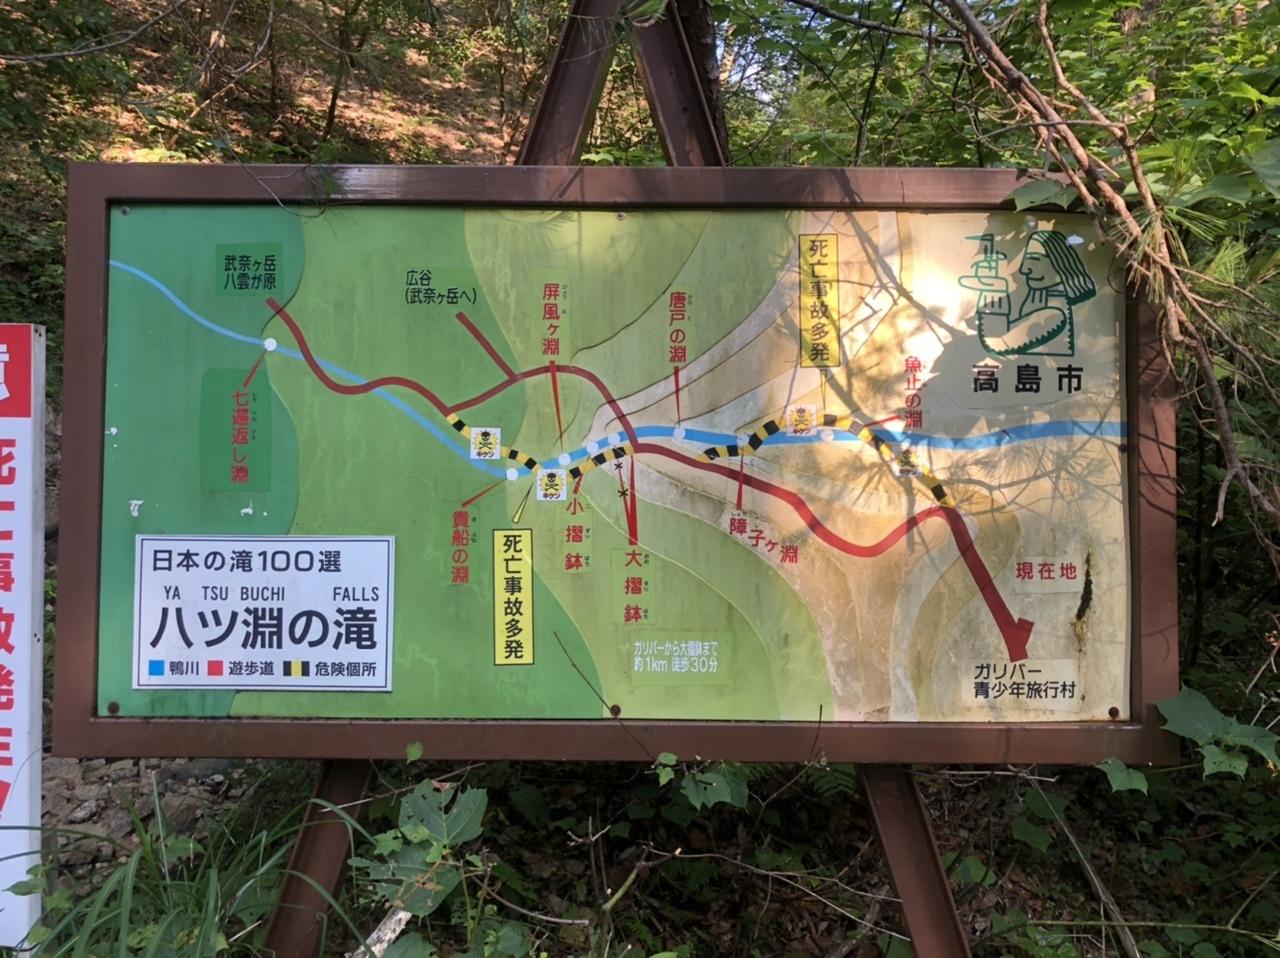 武奈ヶ岳 難関の八淵の滝ルートで攻略!_b0200358_12512937.jpeg